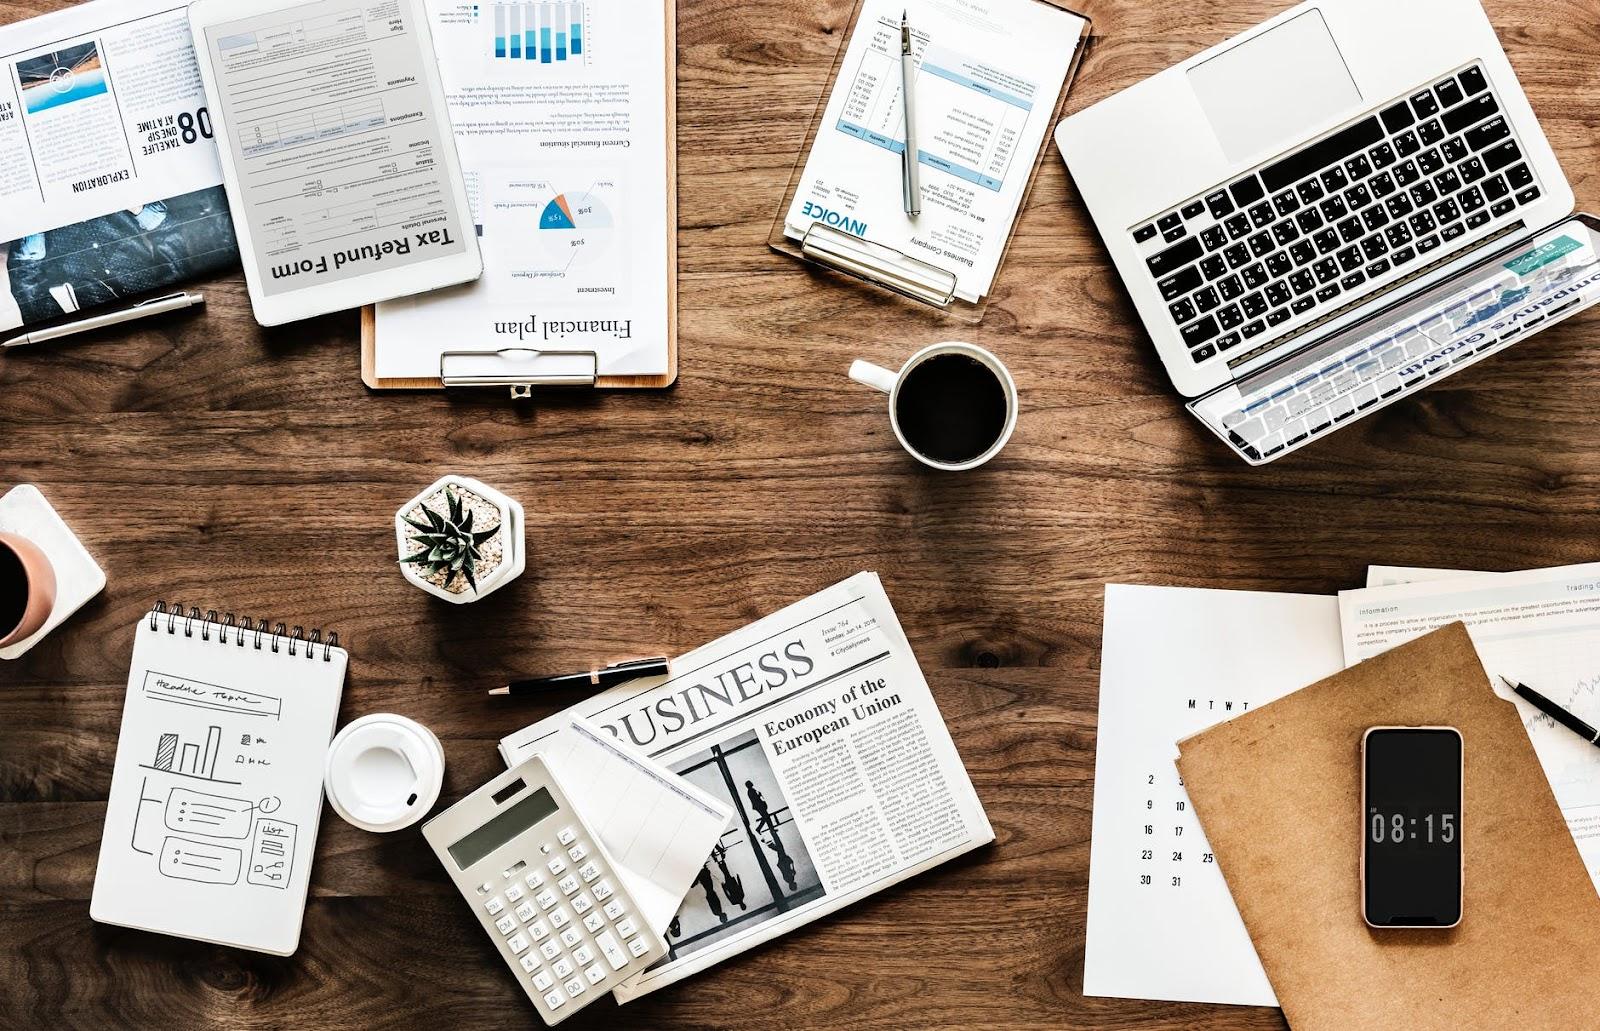 Tratamento de cadastro fiscal - Atualização do ERP para tributação correta | Juristas